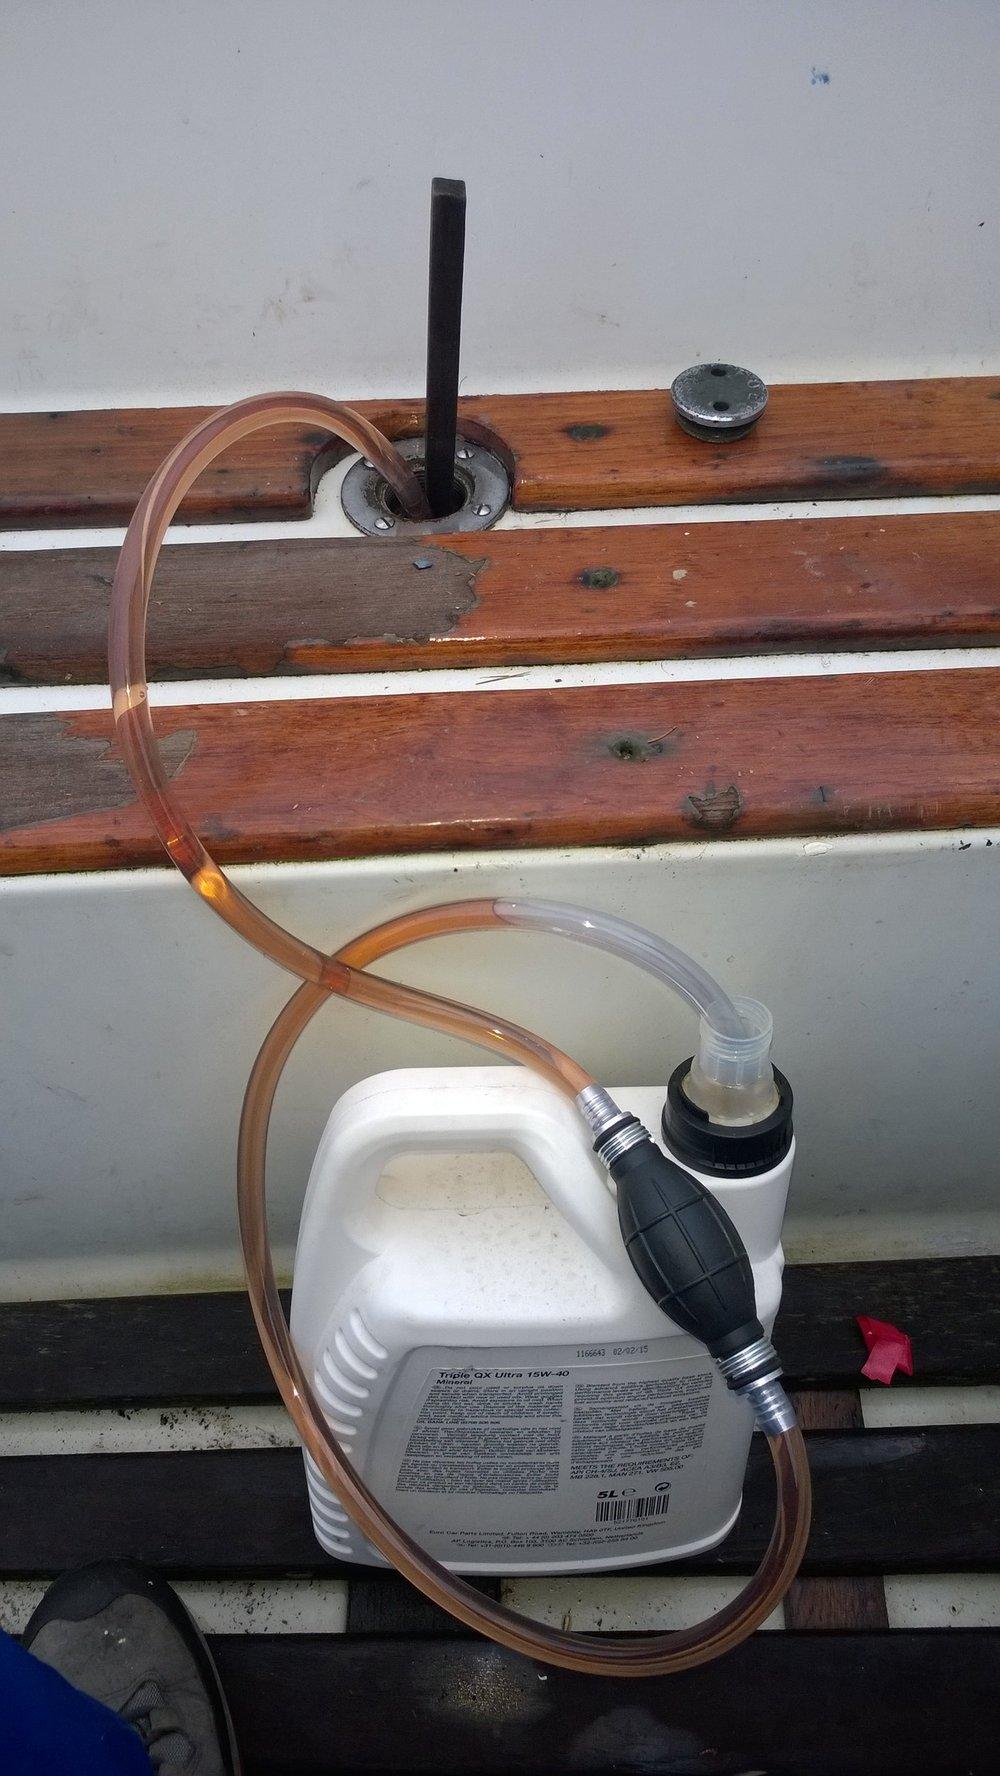 The diesel bug pump in use